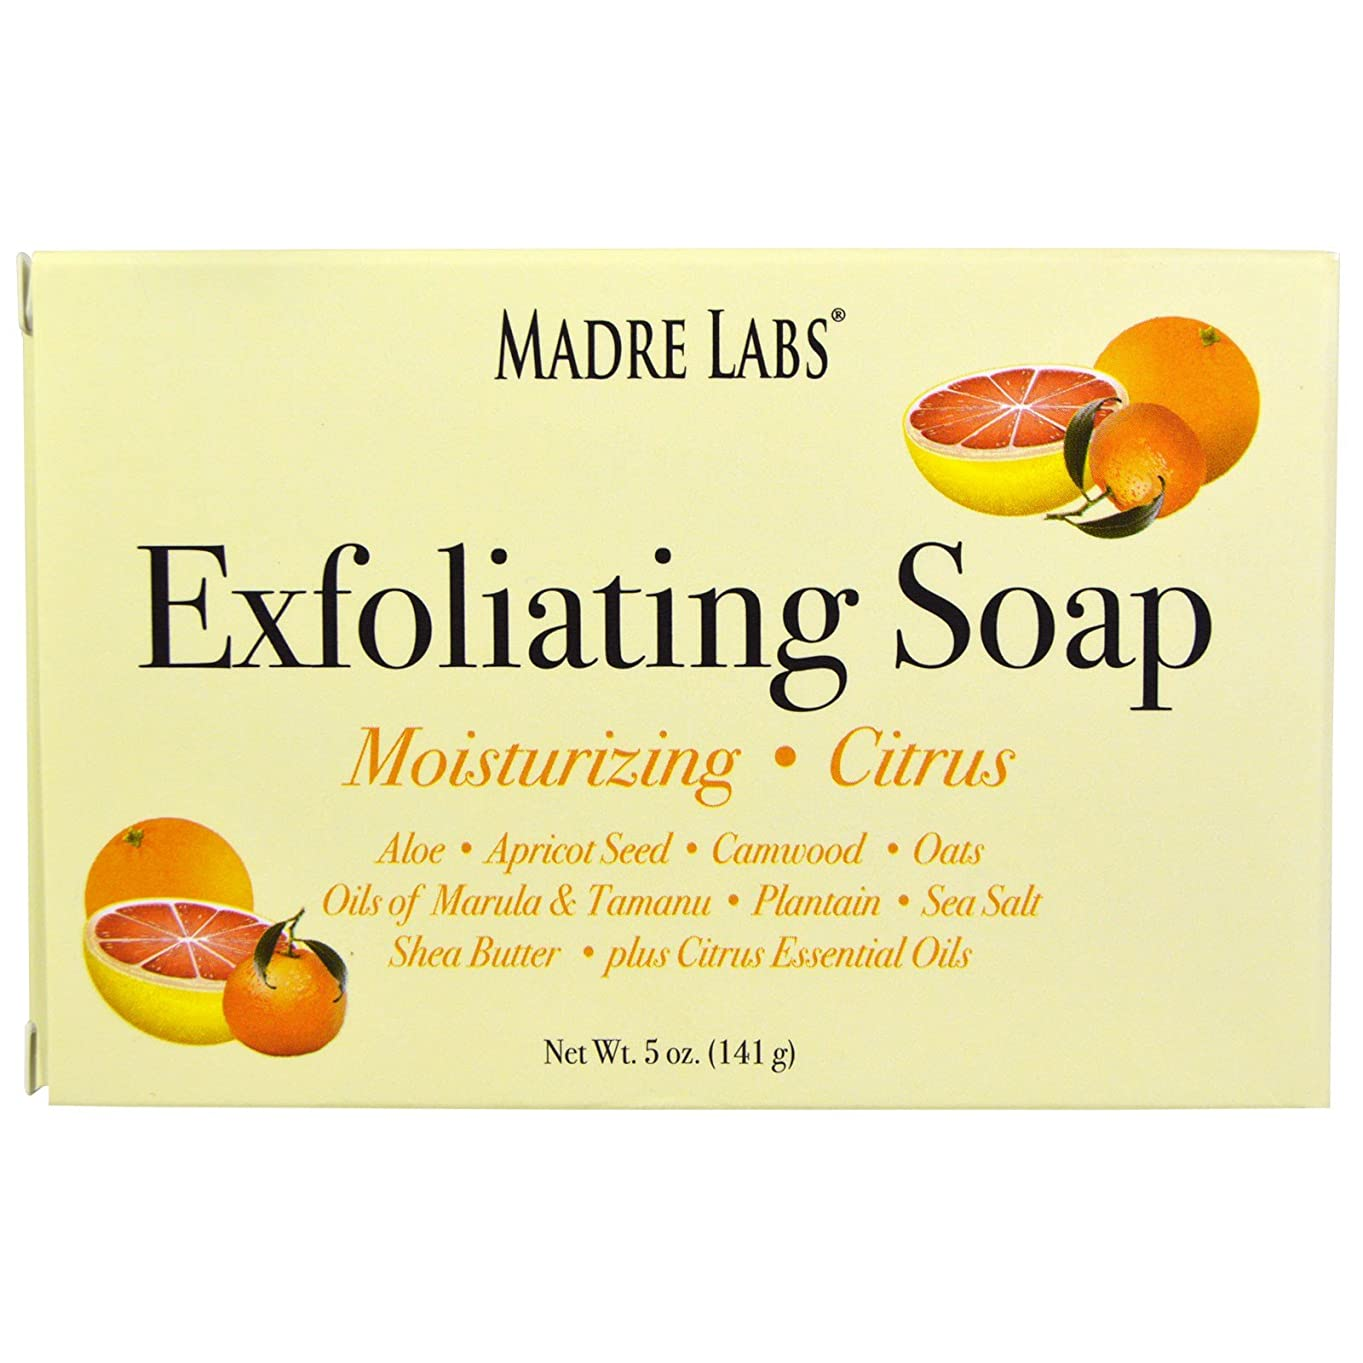 そっと寸法セクションマドレラブ シアバター入り石鹸 柑橘フレーバー Madre Labs Exfoliating Soap Bar with Marula & Tamanu Oils plus Shea Butter